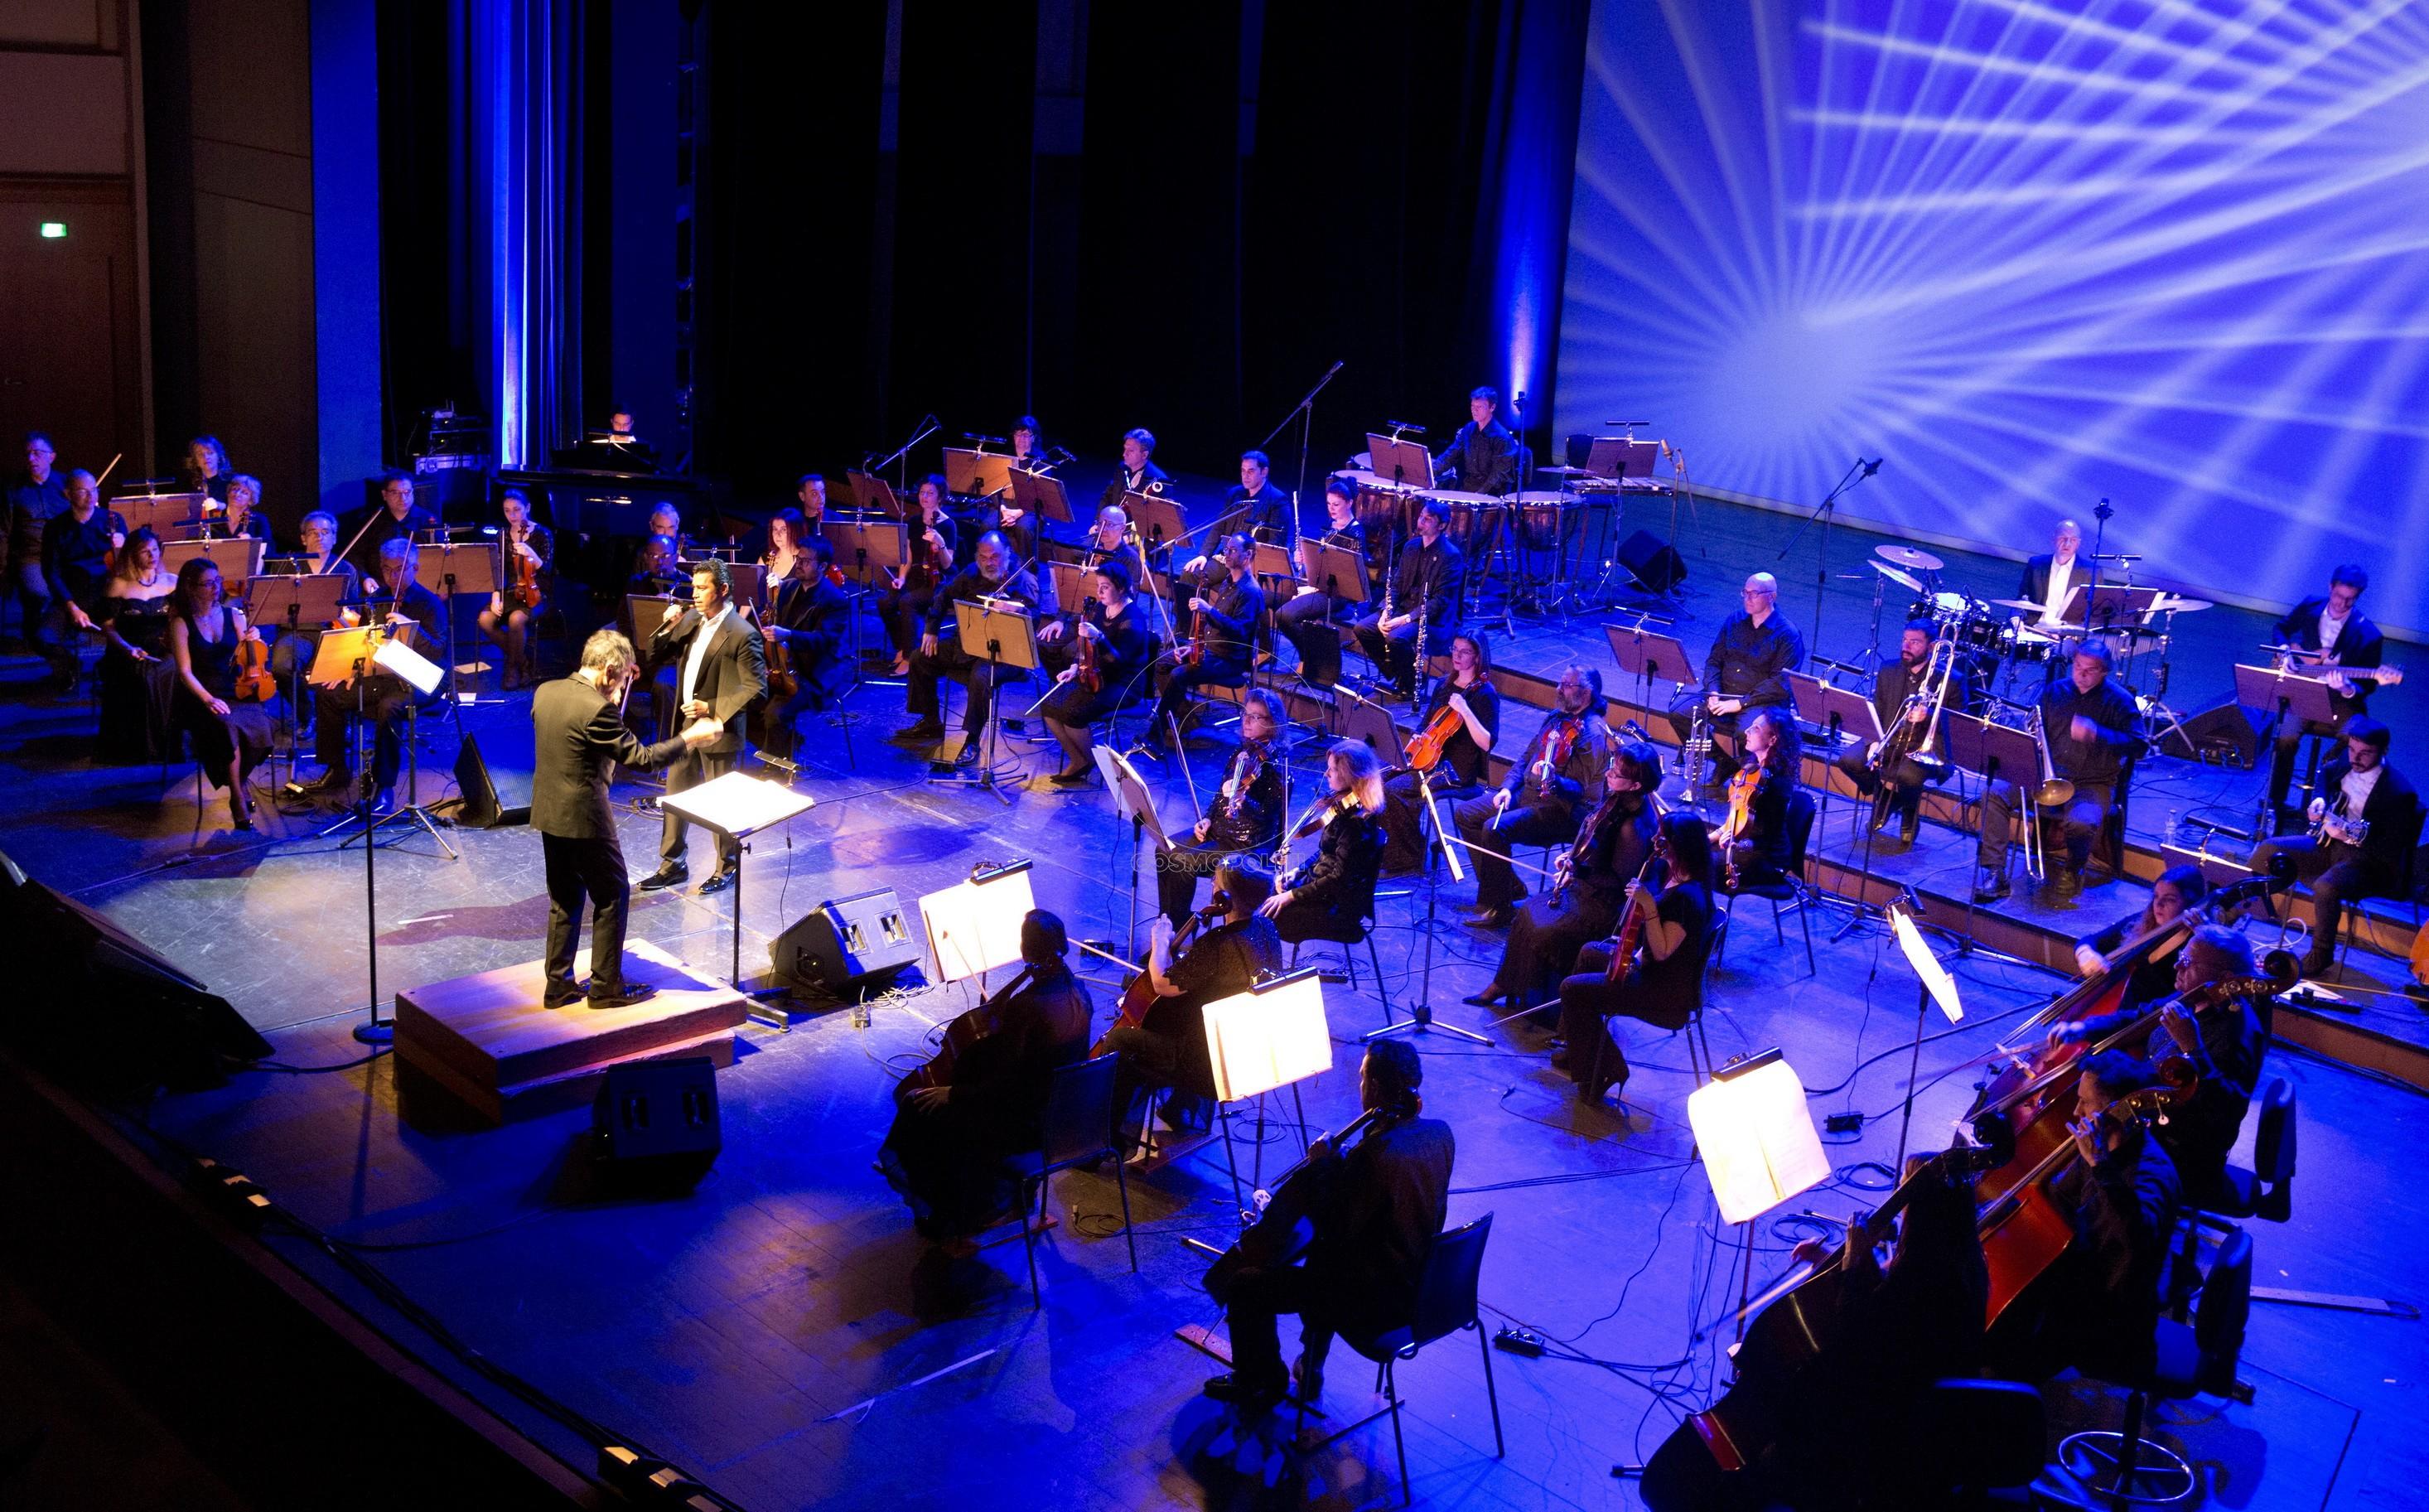 1 Η Συμφωνική Ορχήστρα του Δήμου Θεσσαλονίκης με τον Δ-ντη ορχήστρας Λουκά Καρυτινό